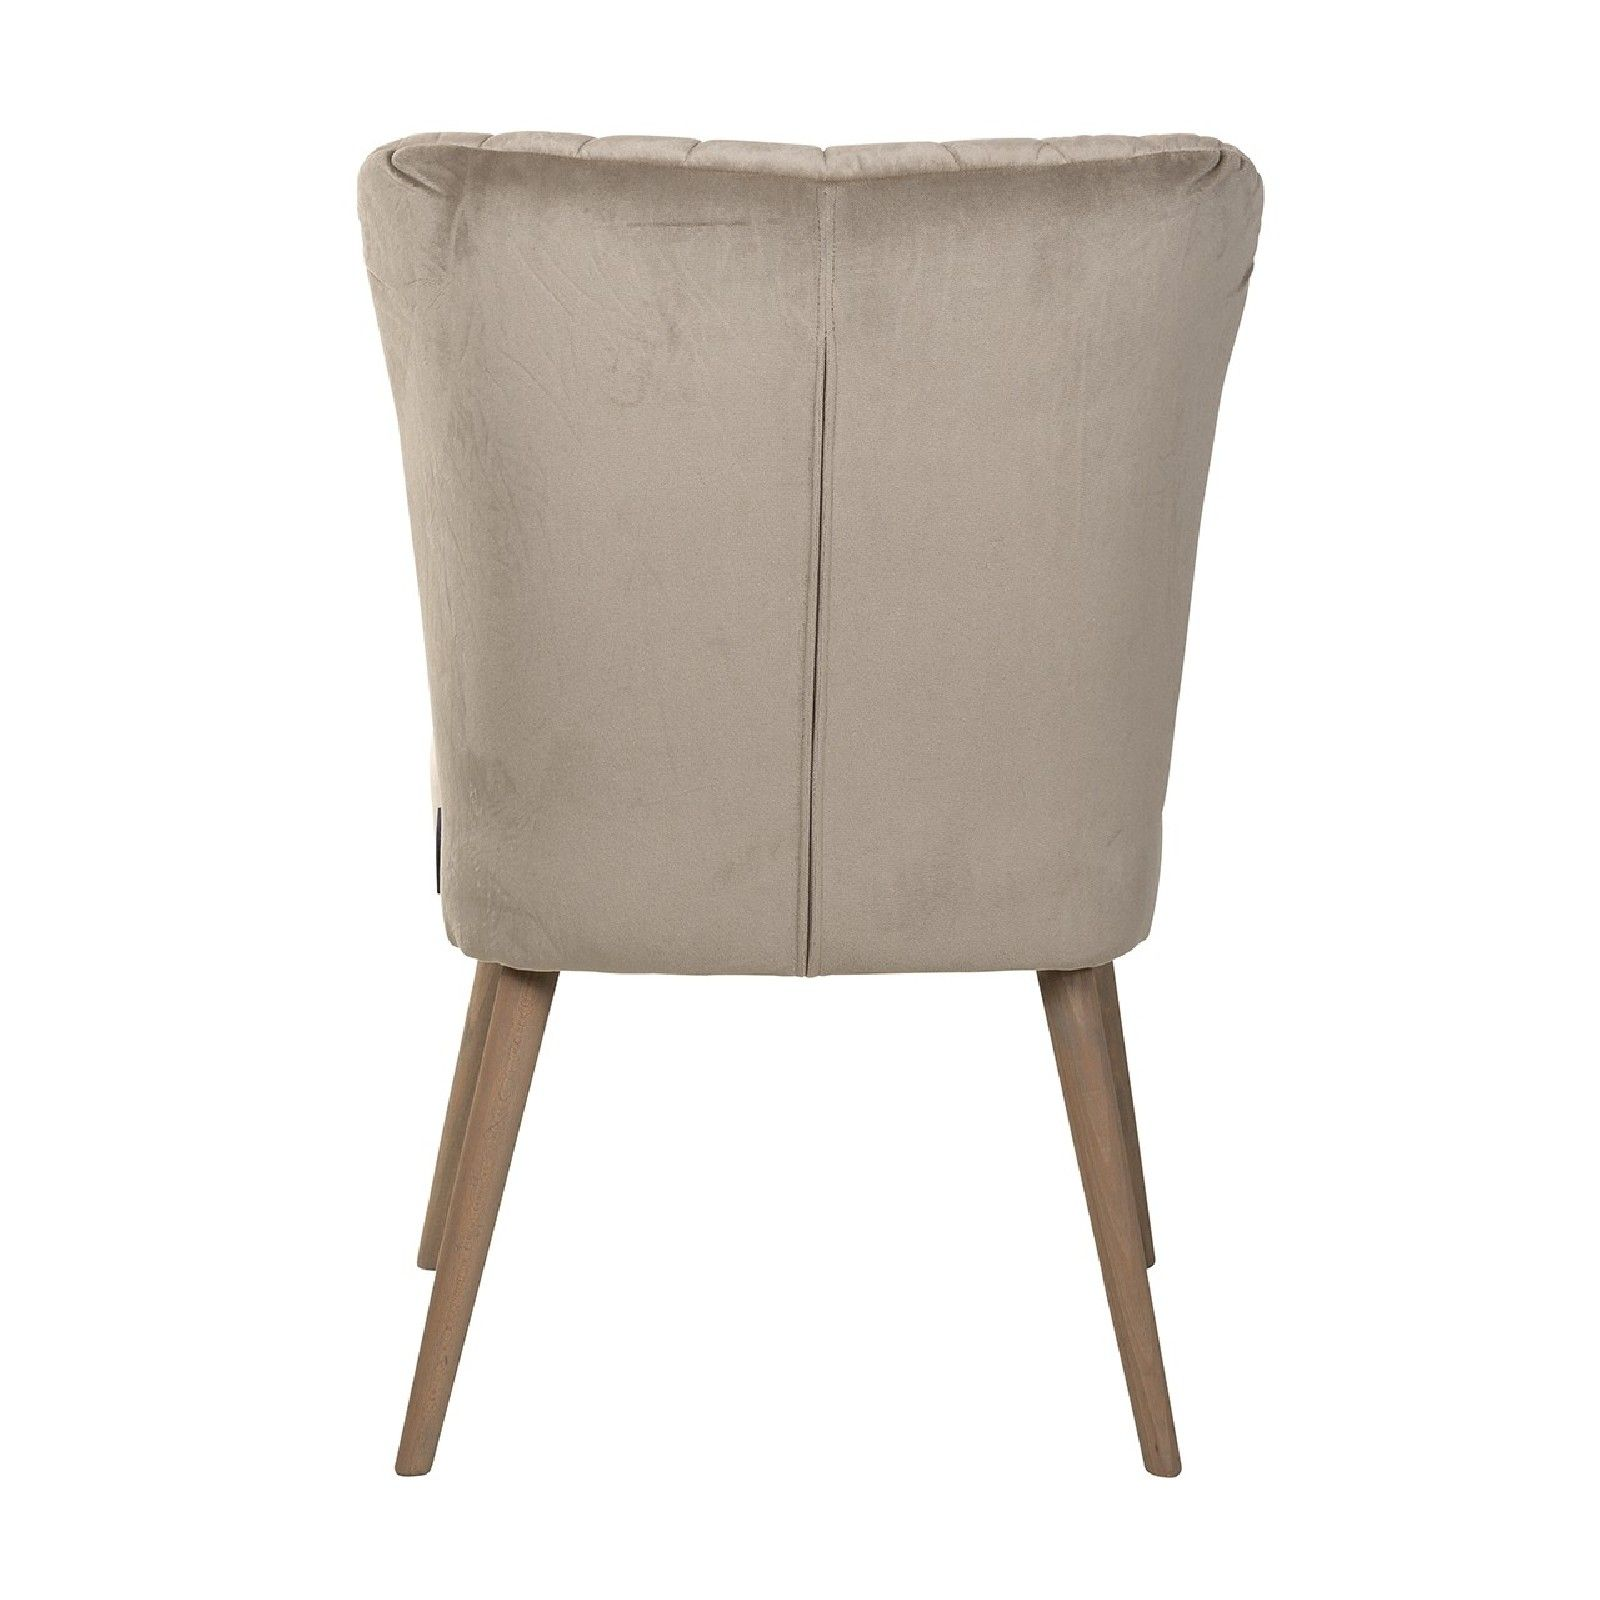 Chaise Daley avec passepoilPassepoil possible dans aune autre couleur Salle à manger - 272